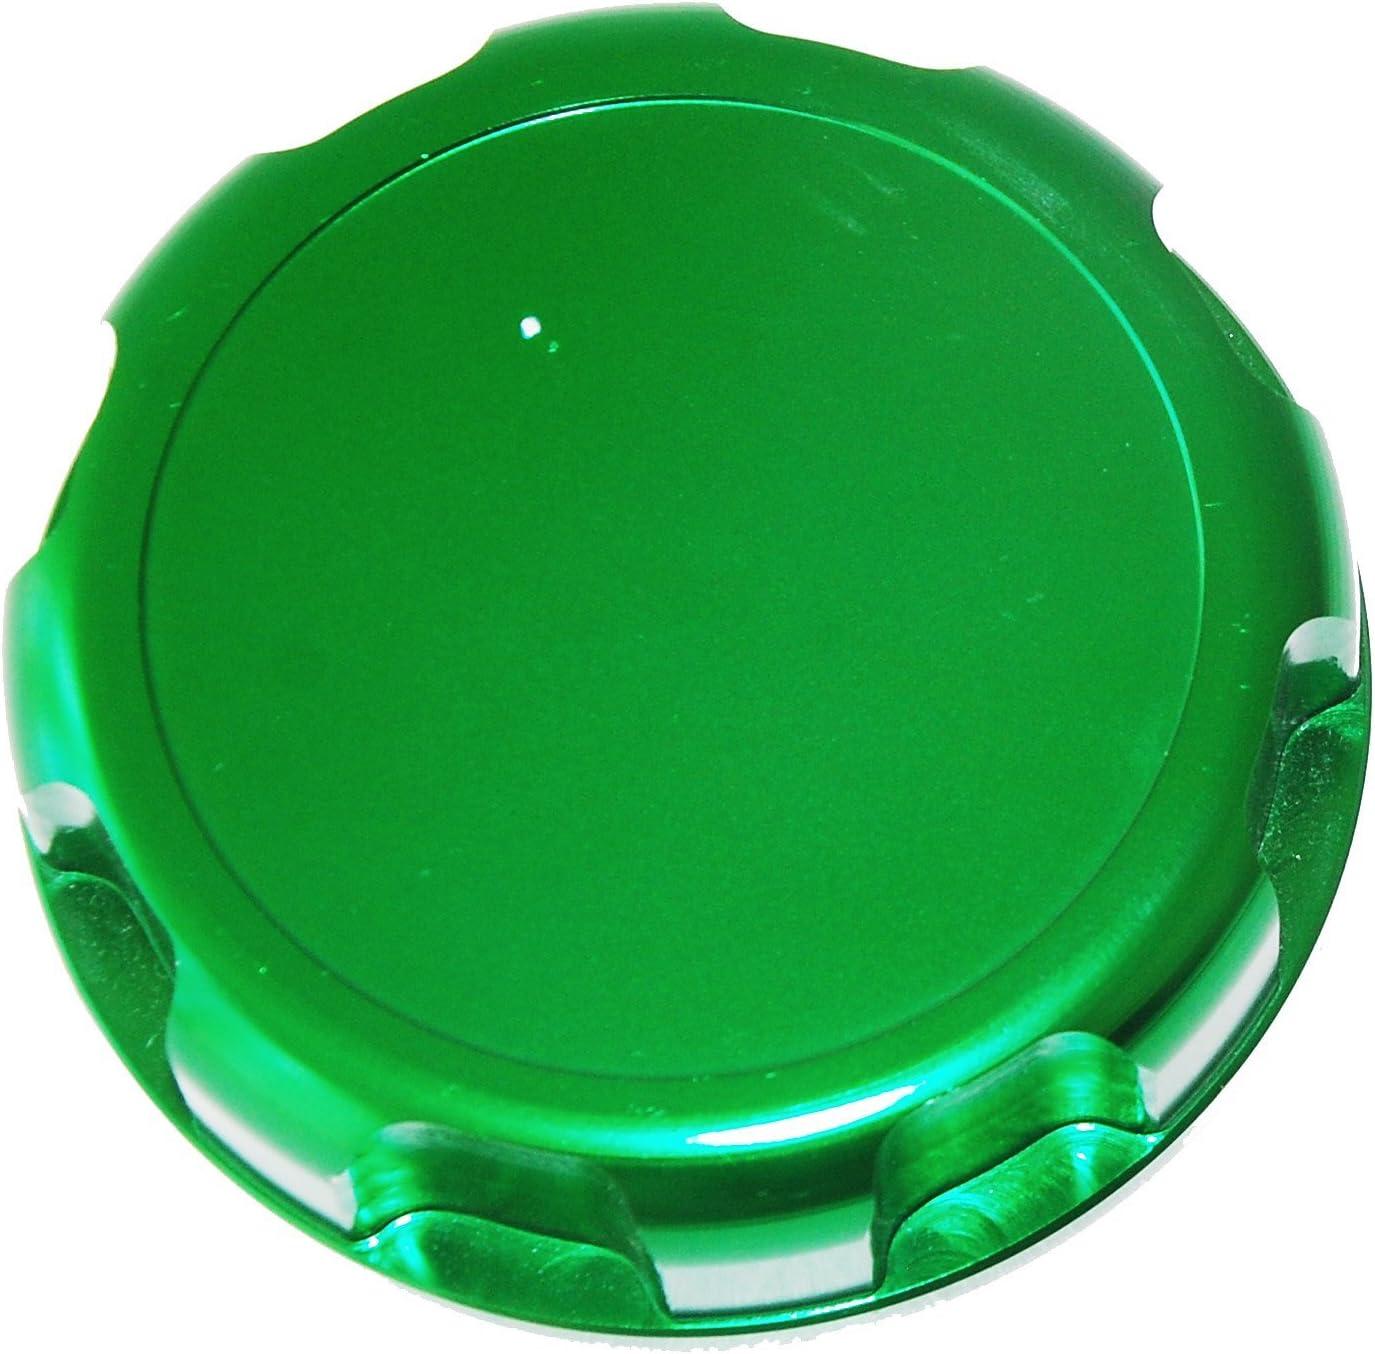 Kawasaki 550 650 750 800 900 1100 sx x2 sxr Jet-Ski Gas Fuel Cap Seal Gasket New